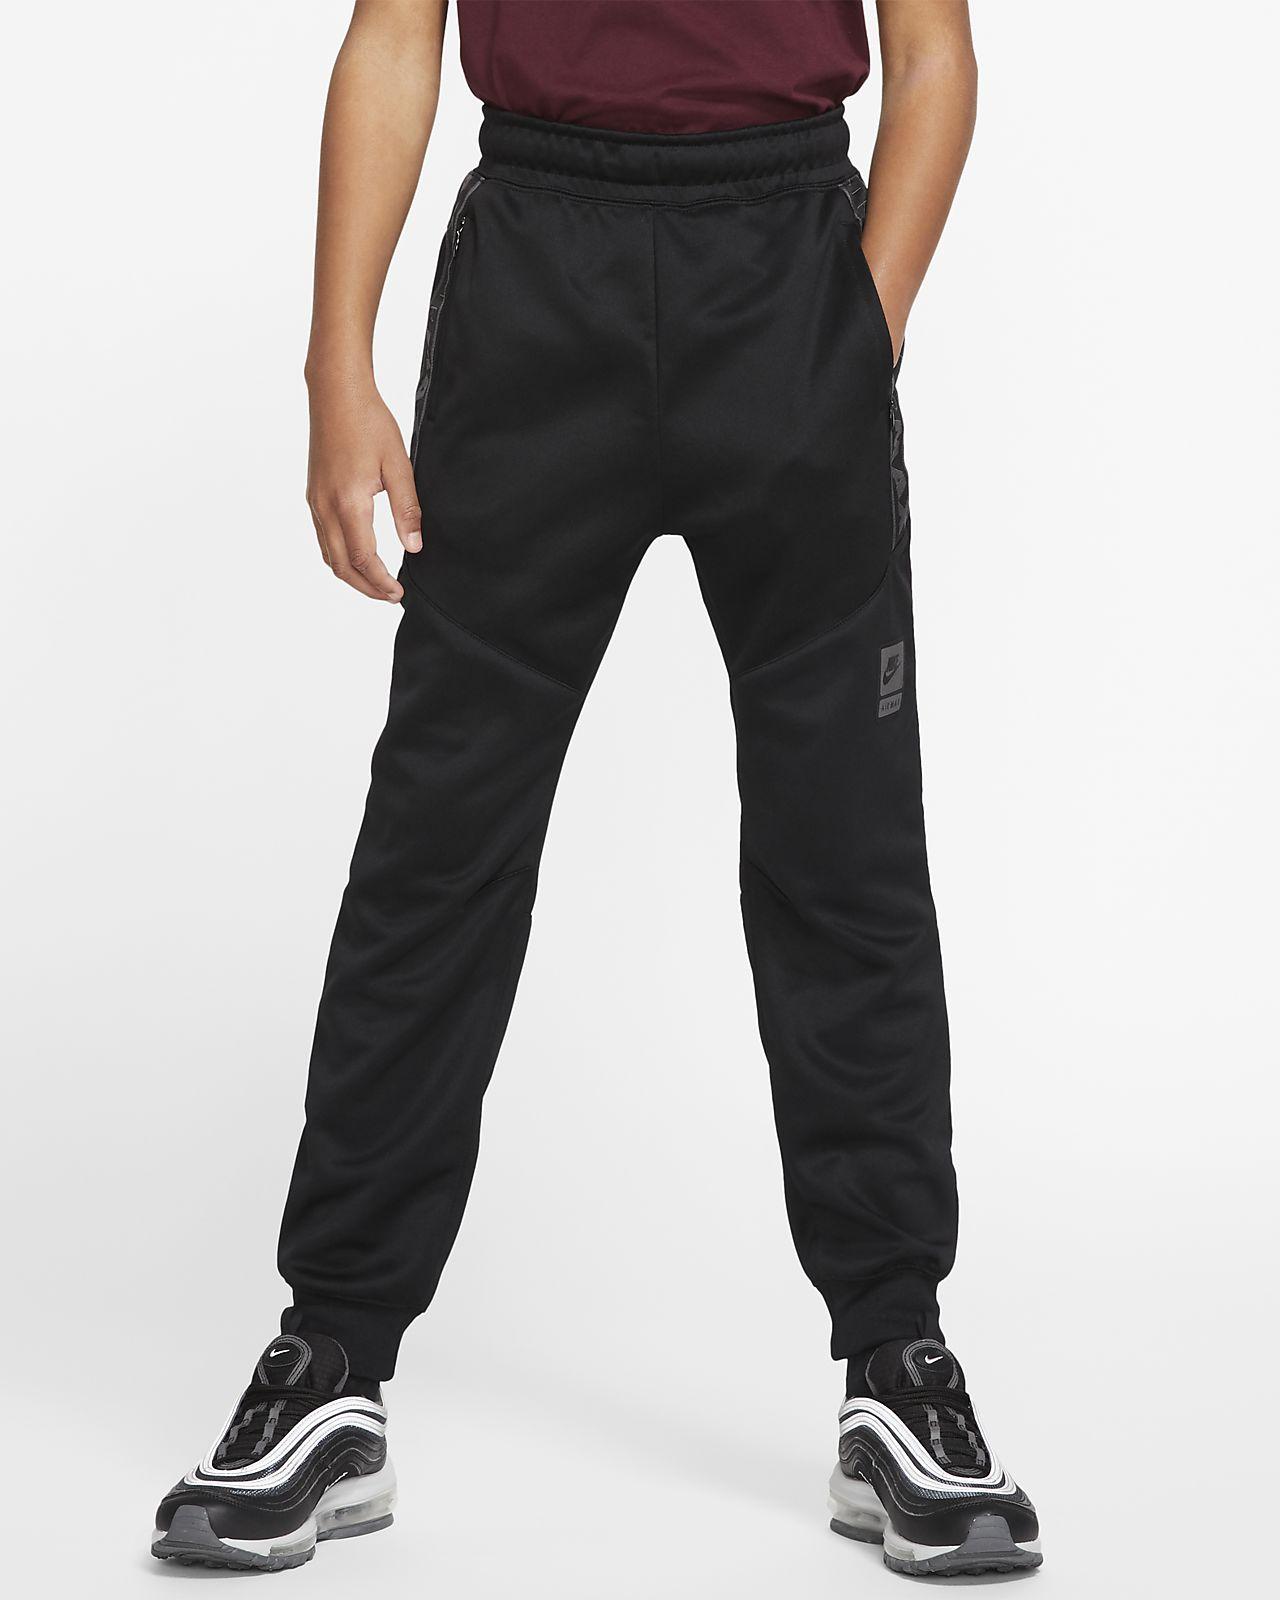 Παντελόνι Nike Sportswear Air Max για μεγάλα αγόρια